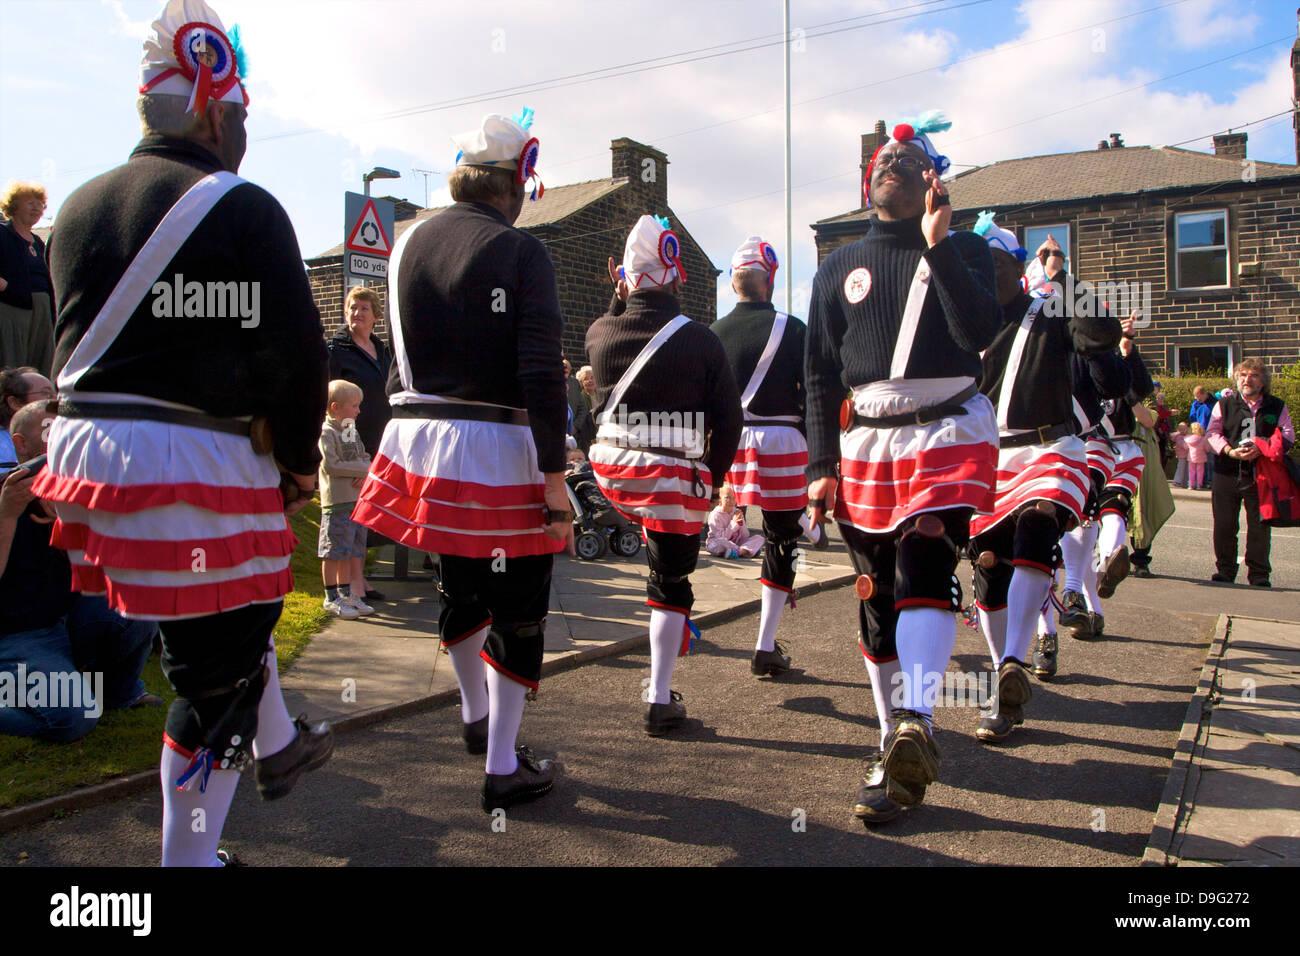 Bailarines de coco Tradicional Procesión de Sábado Santo, Bacup, Lancashire, Inglaterra, Reino Unido. Imagen De Stock